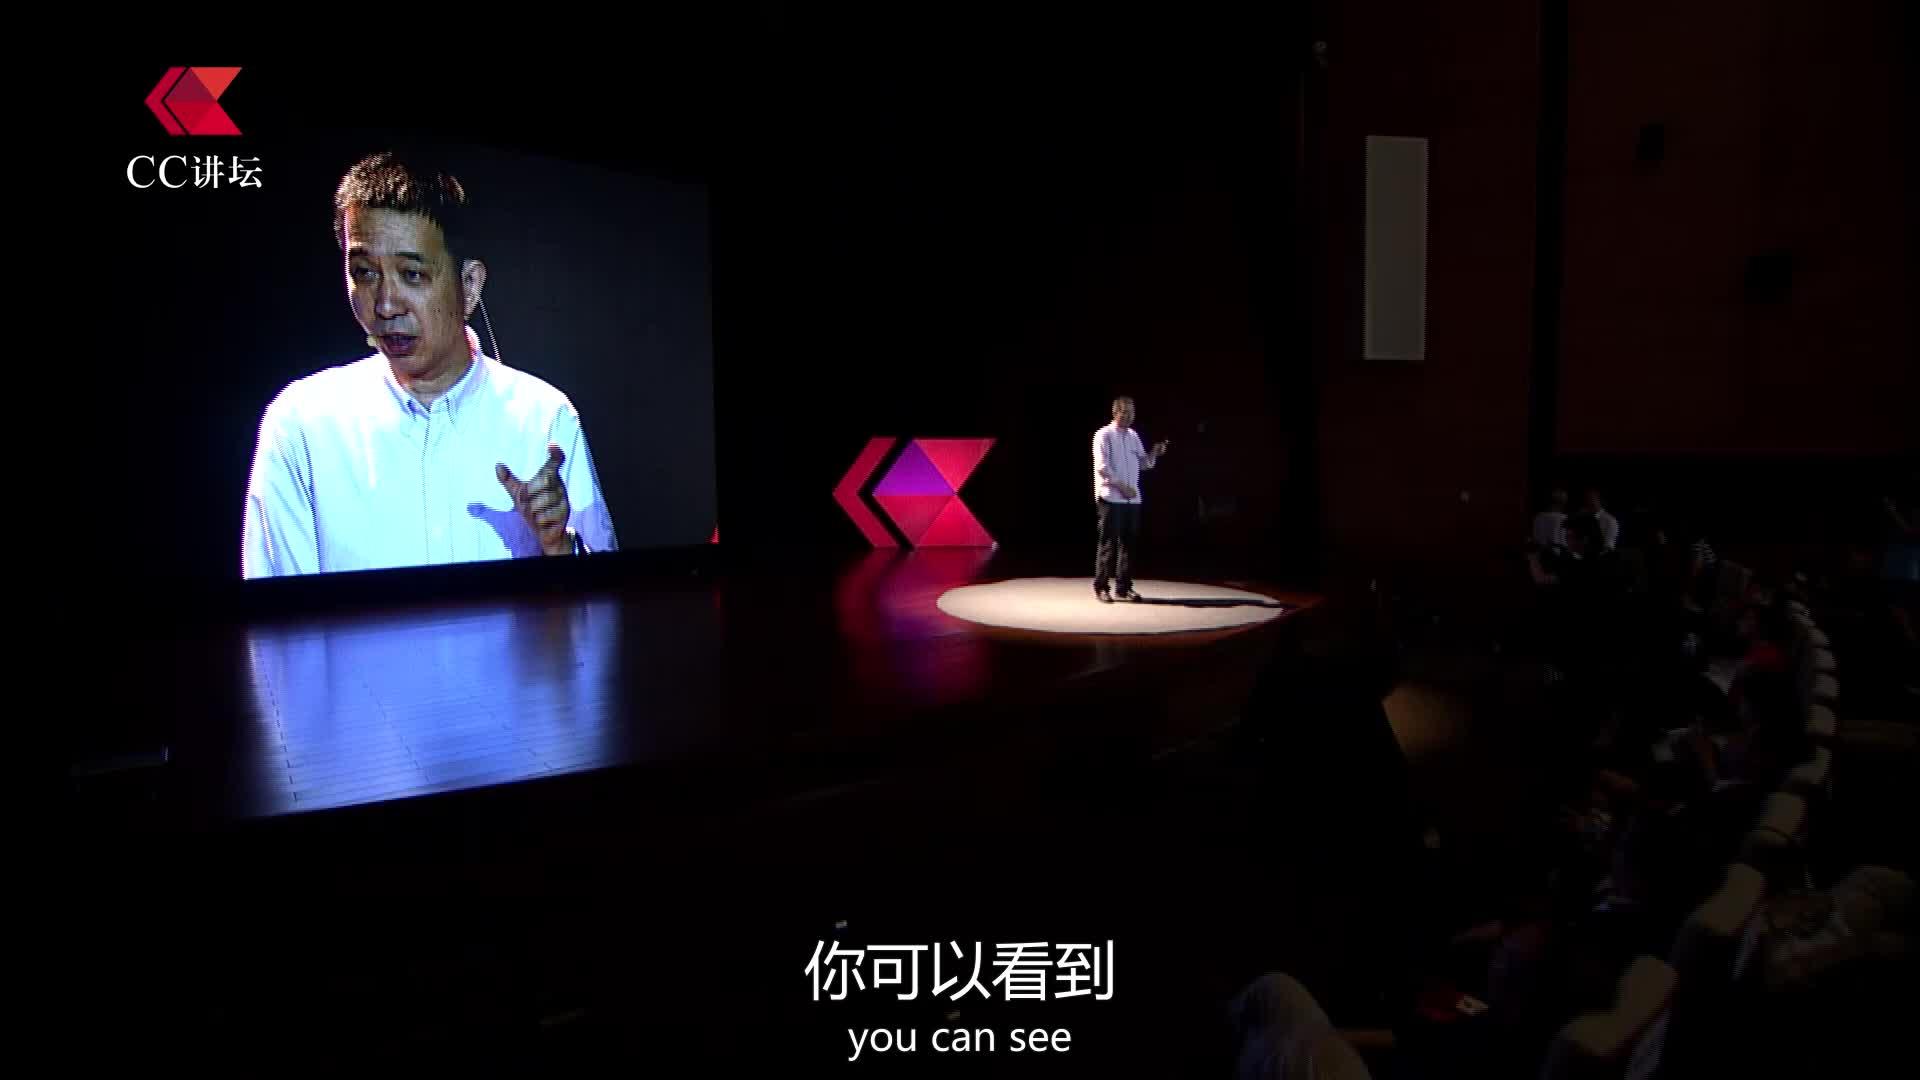 CC讲坛(科技):王坚《互联网数据计算》